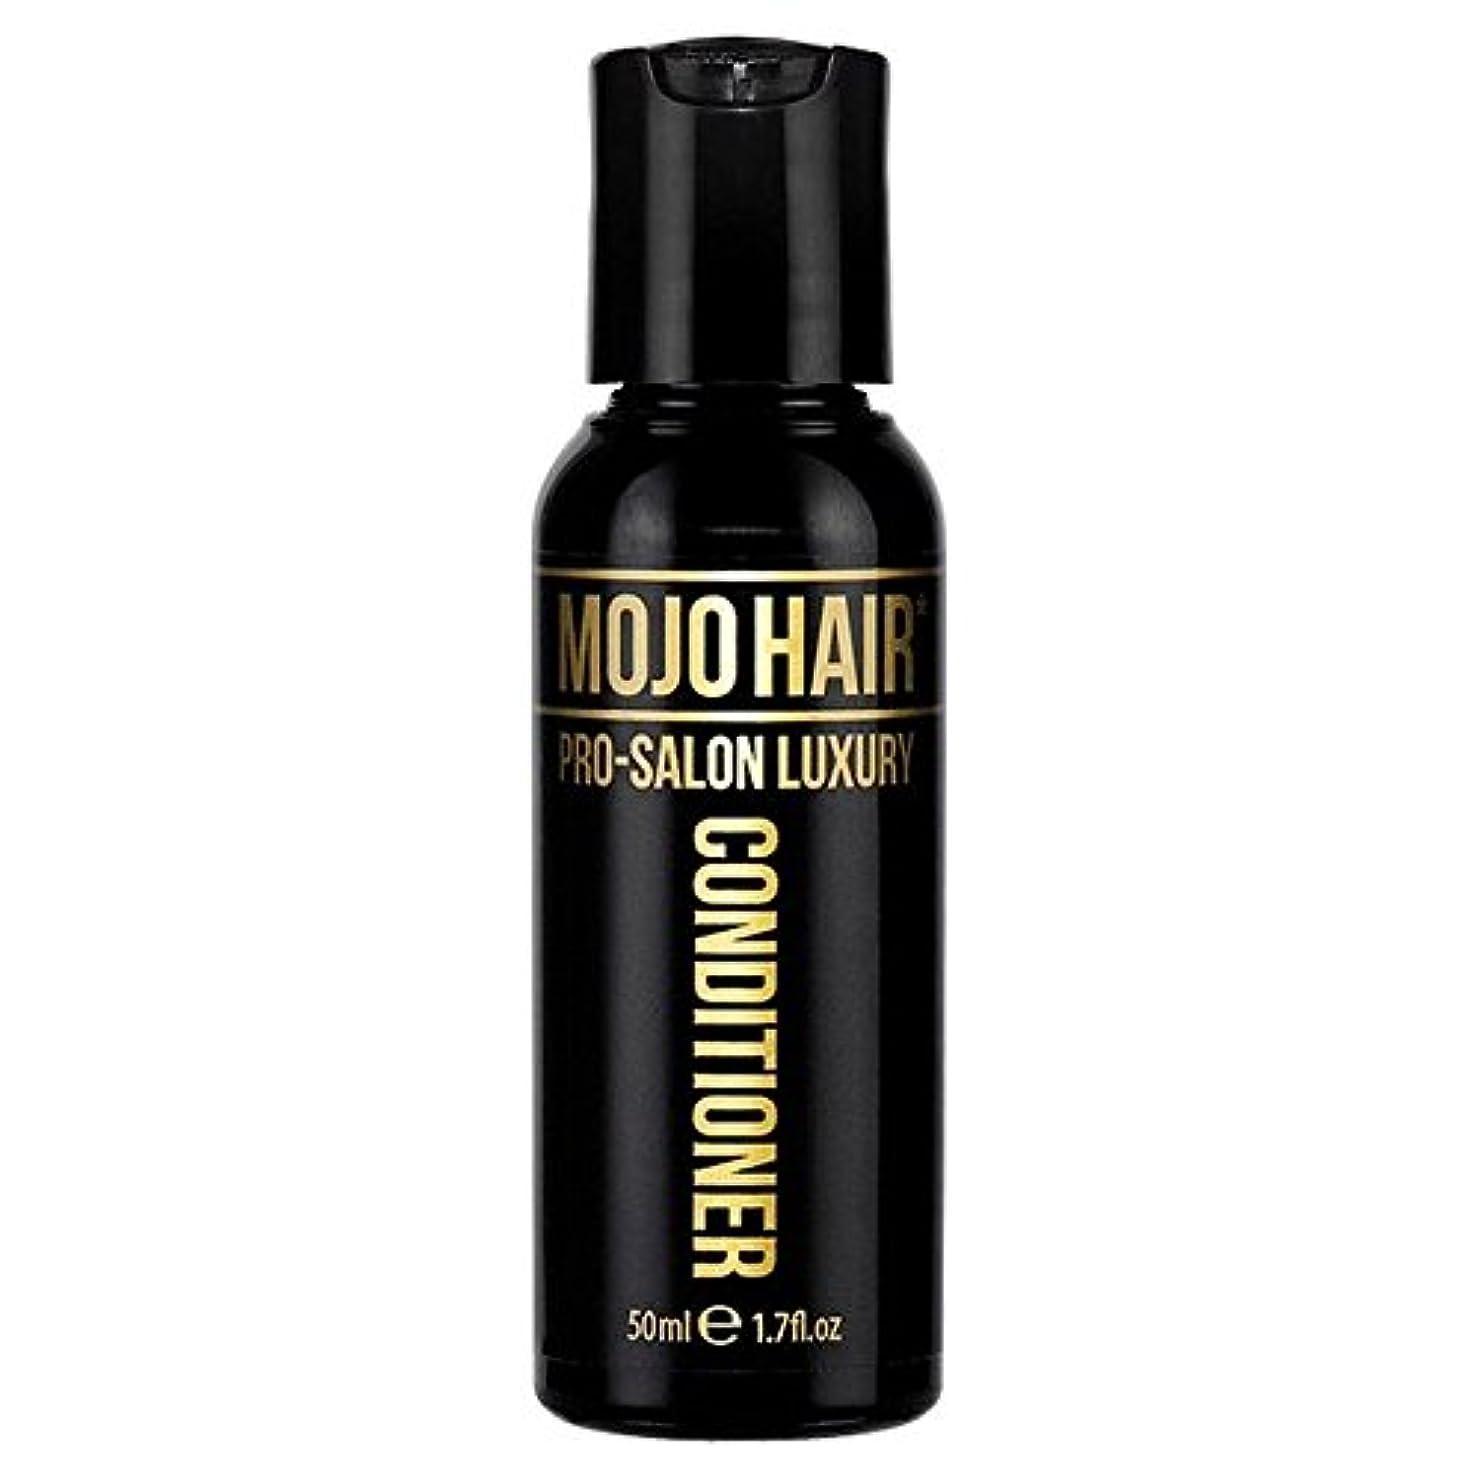 難破船ポータル逸話男性のためのモジョの毛プロのサロンの贅沢な香りコンディショナー、トラベルサイズの50ミリリットル x2 - MOJO HAIR Pro-Salon Luxury Fragrance Conditioner for Men, Travel Size 50ml (Pack of 2) [並行輸入品]